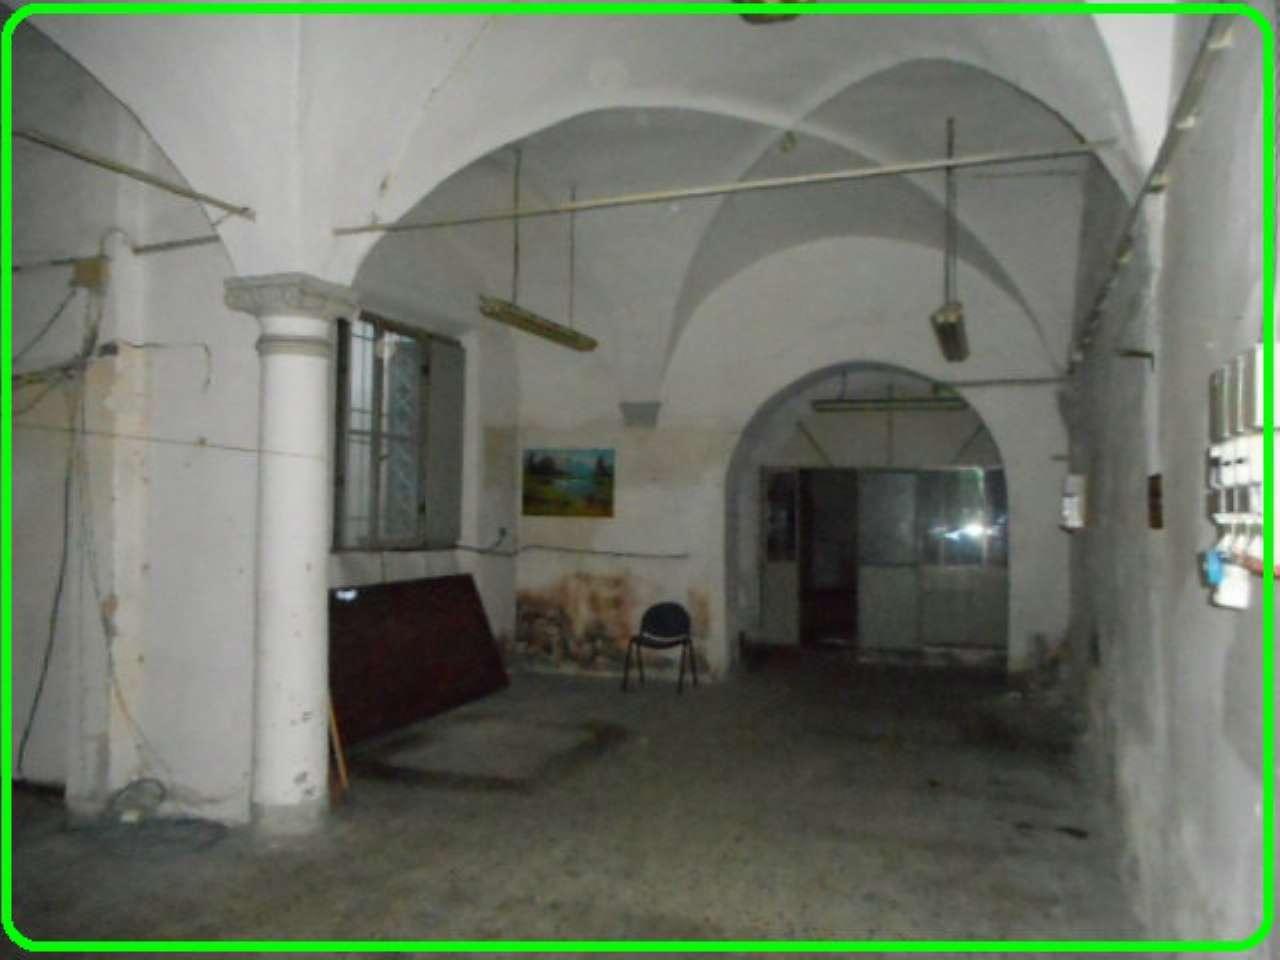 Magazzino in vendita a Pistoia, 4 locali, prezzo € 118.000 | CambioCasa.it